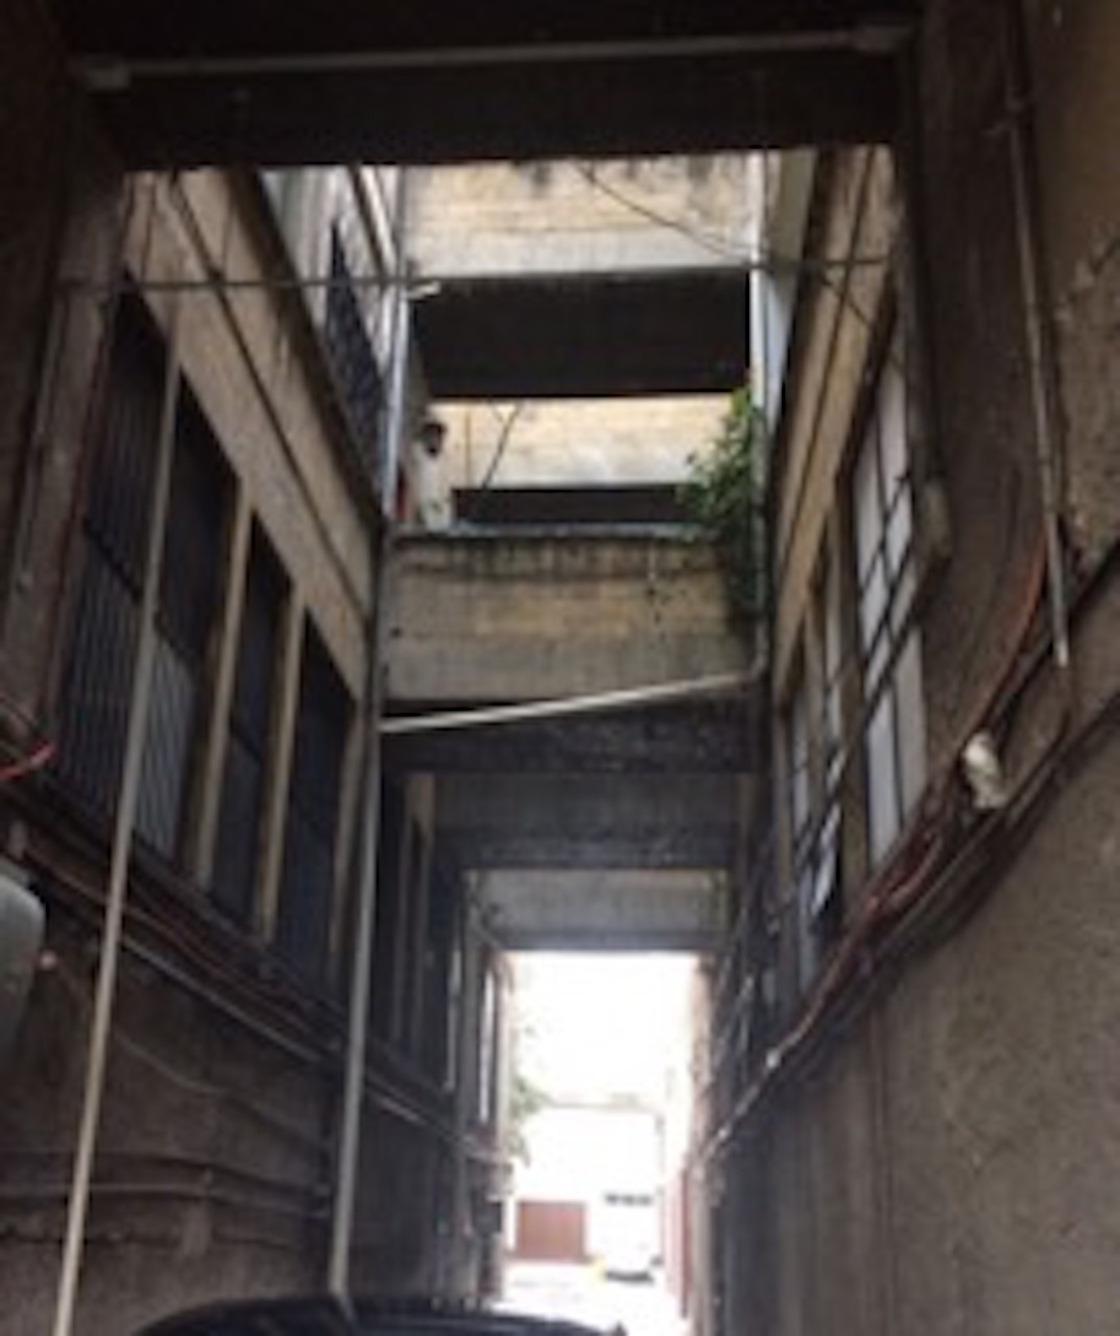 san-antonio-abad-39-sismo-damnificados-lucha-vivienda-edificio-19S-04